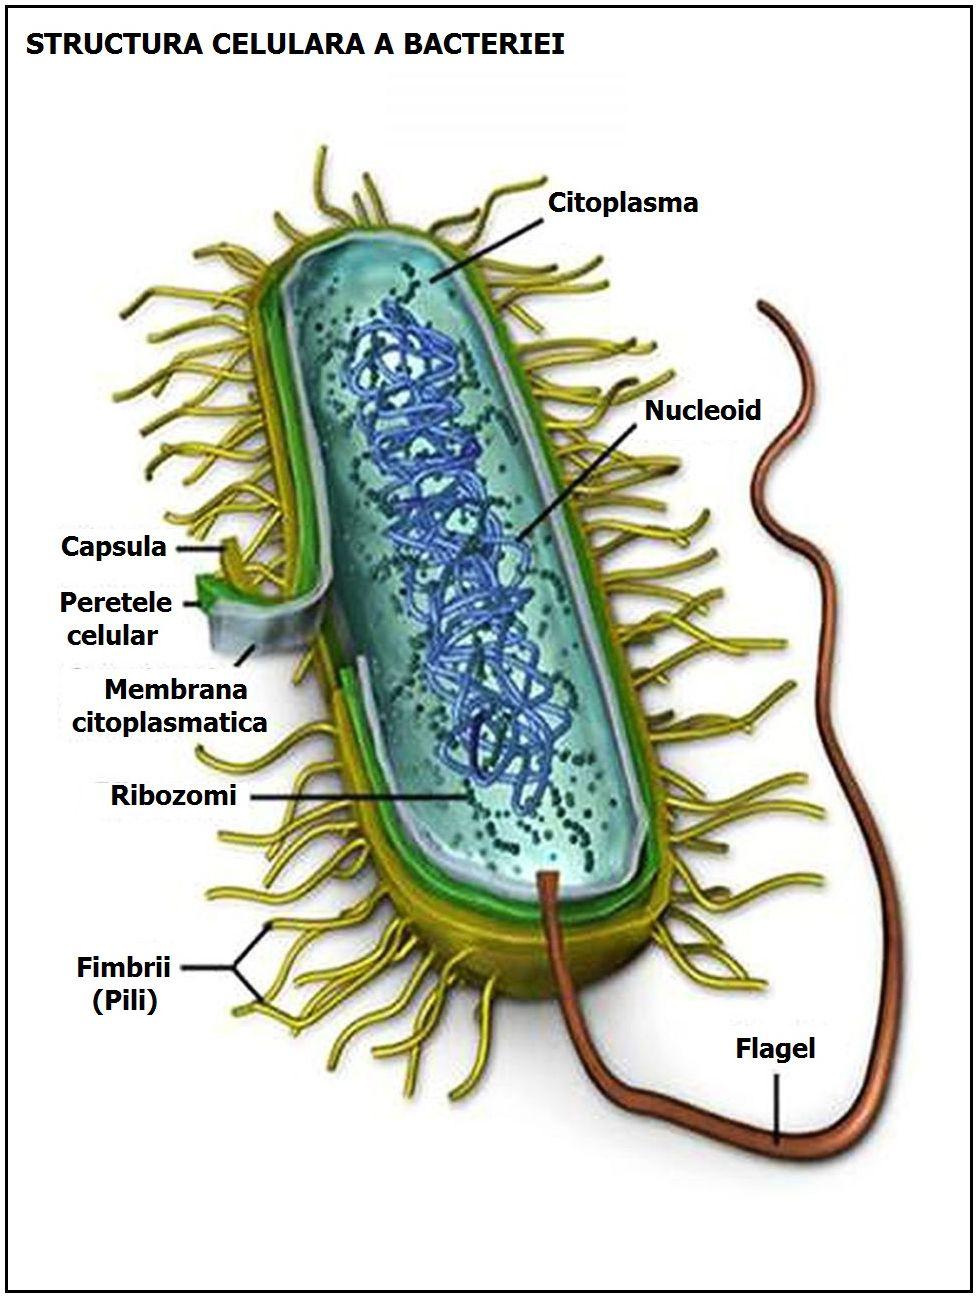 Ultima soluție în lupta cu o bacterie dificilă: transplantul de fecale - DoR